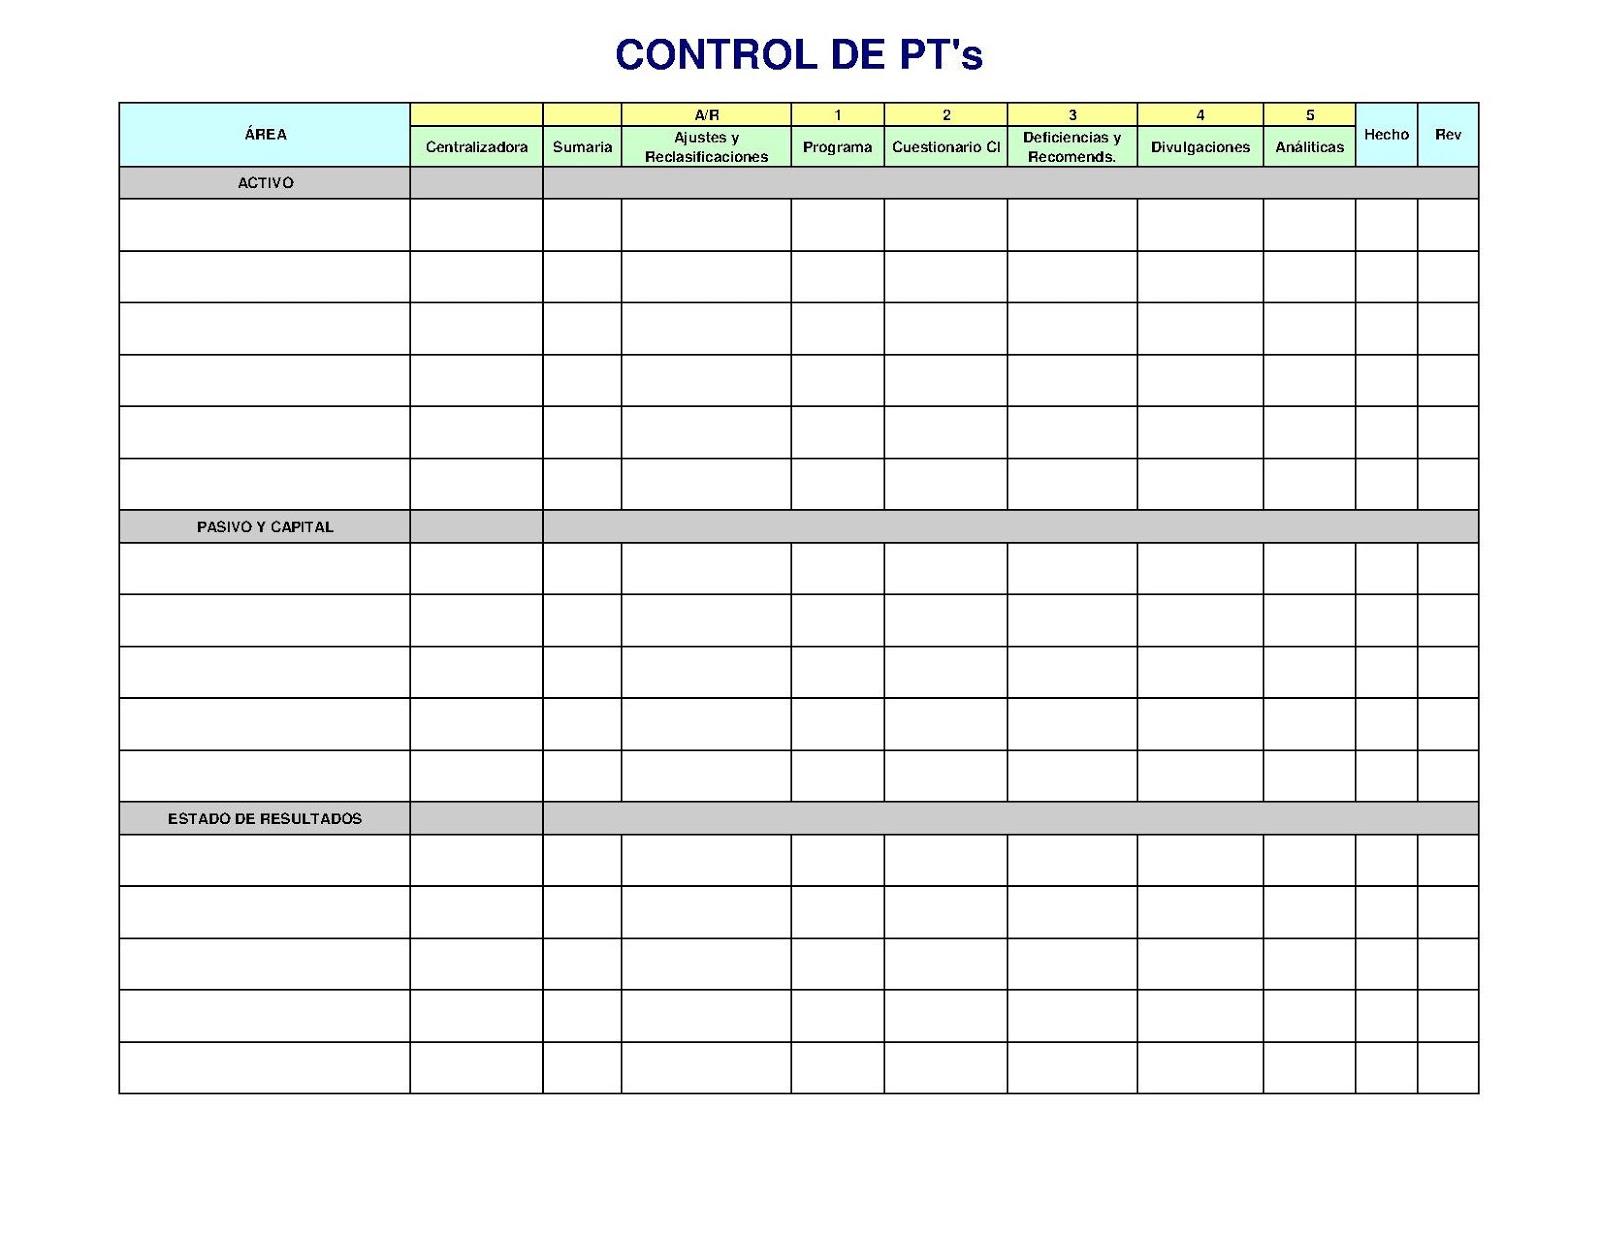 CONTROL PAPELES DE TRABAJO | Universidad Rural - Auditoria